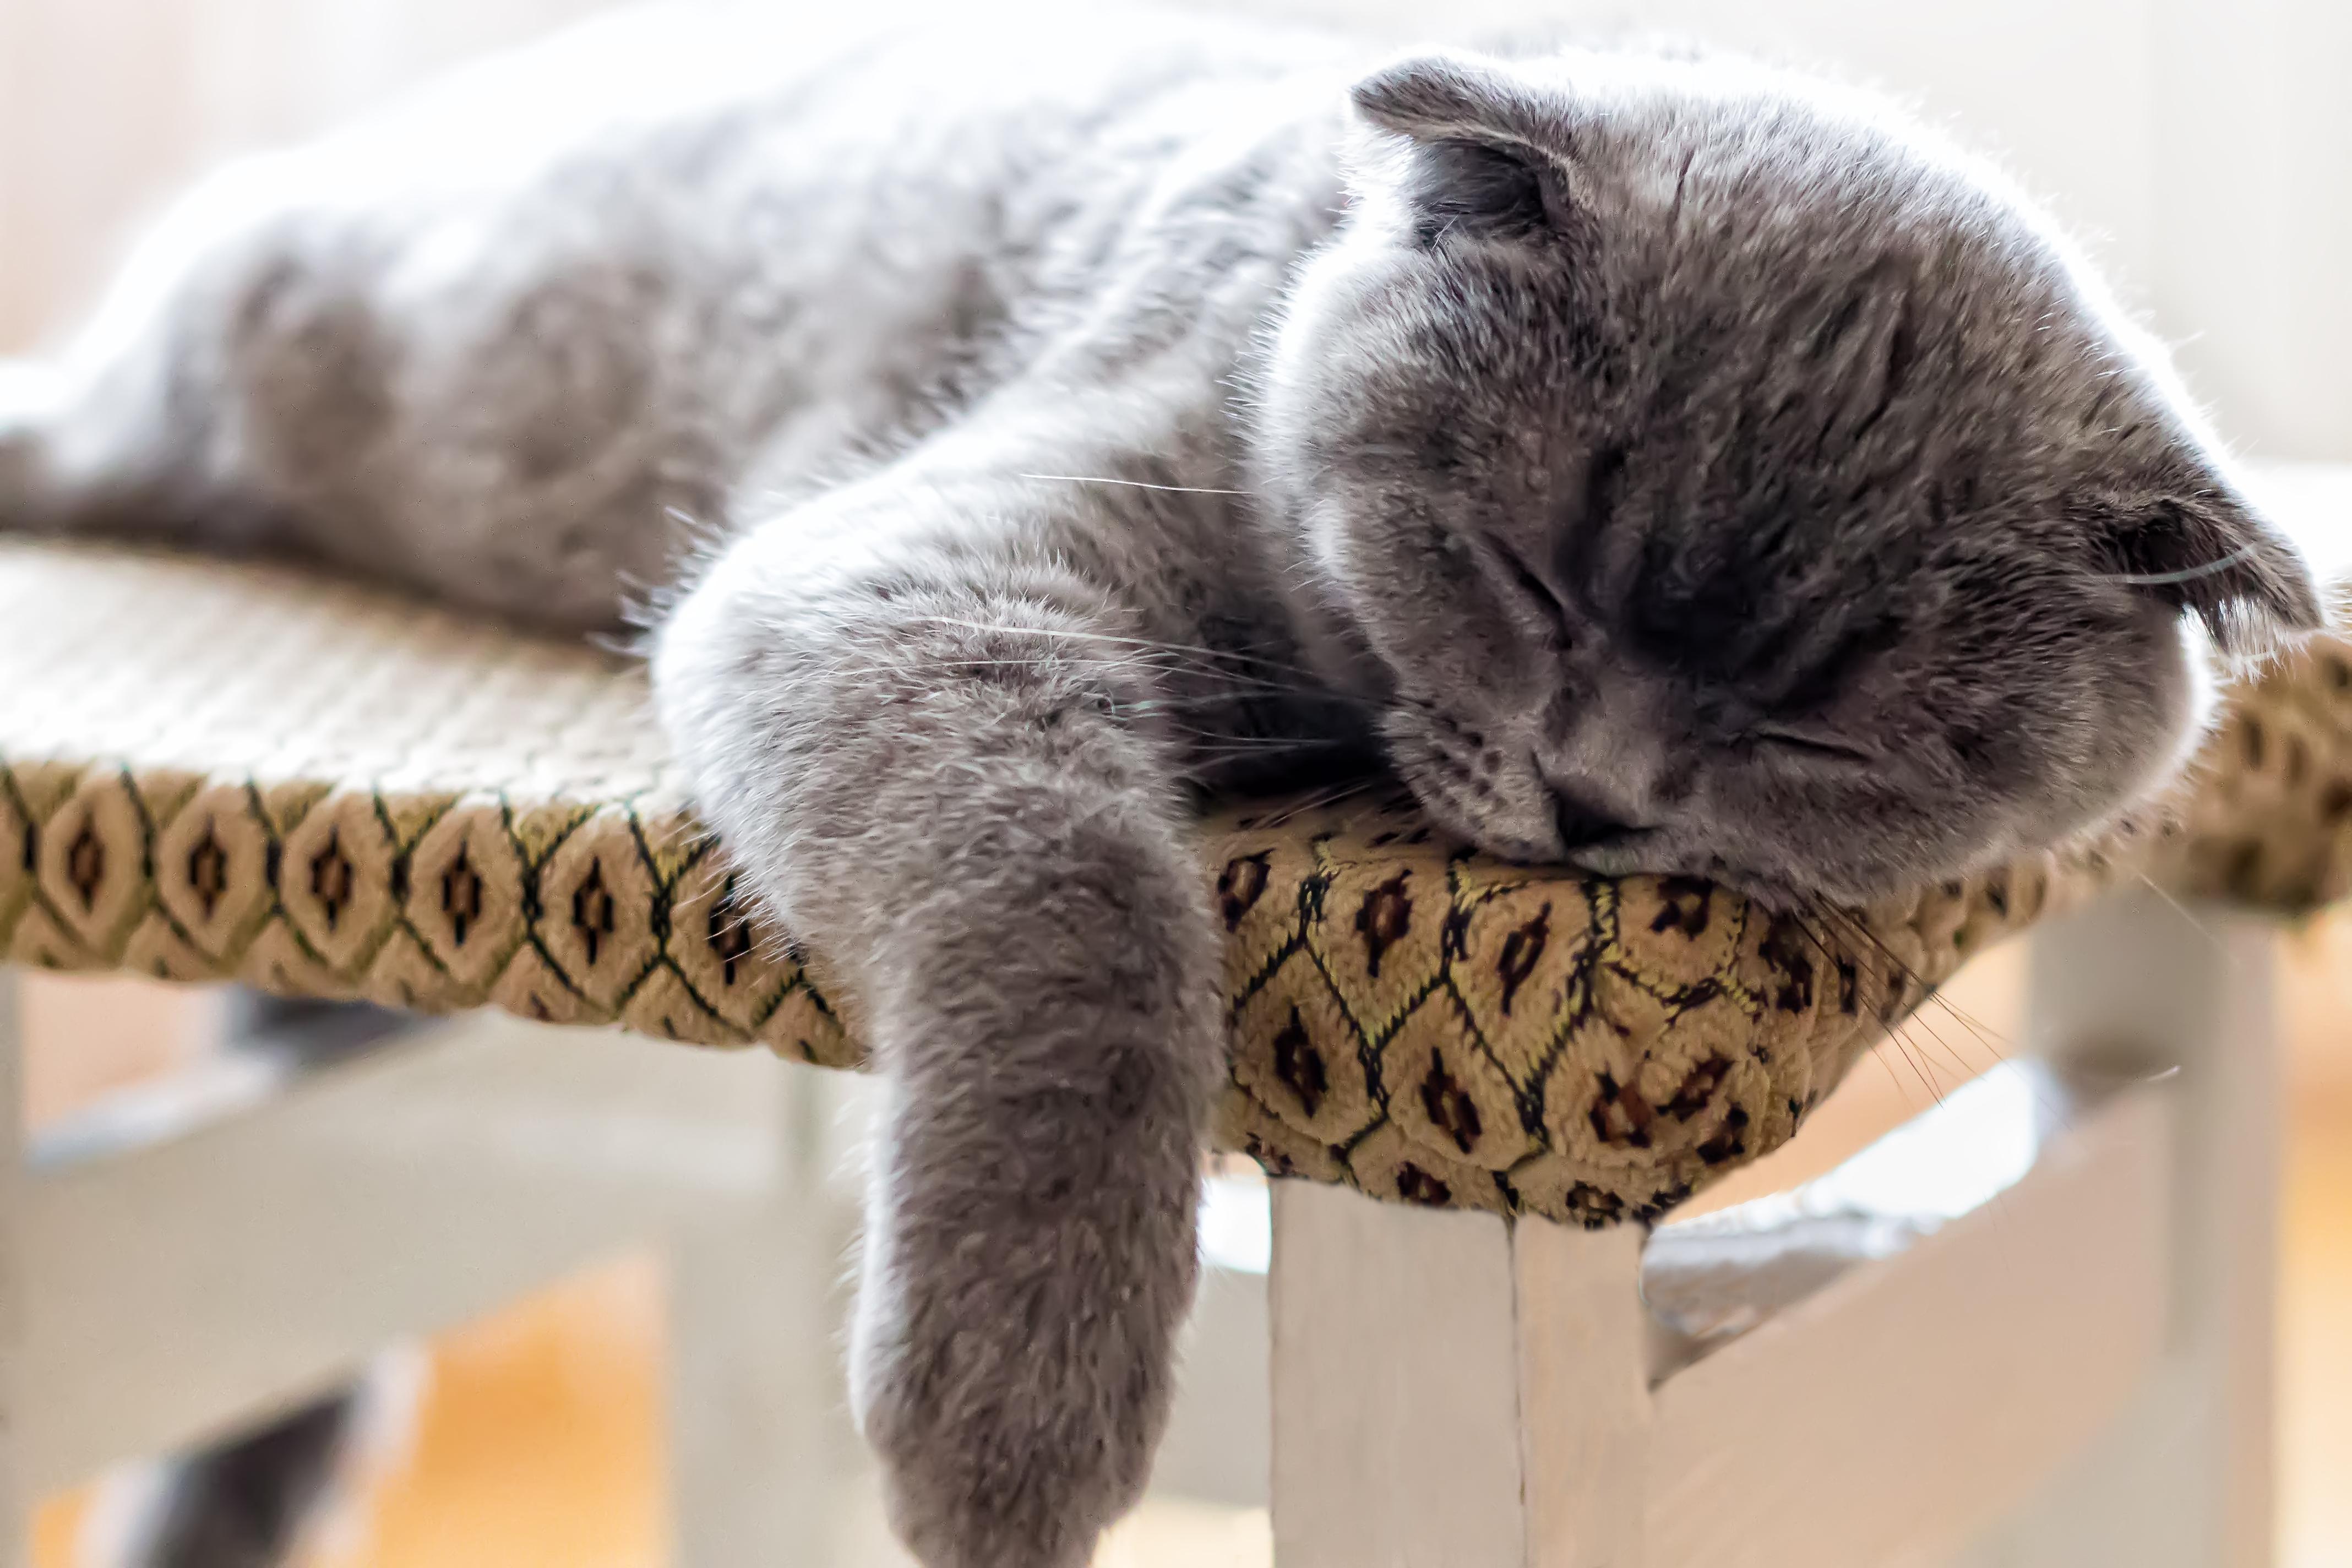 Hình nền : đối mặt, trắng, con mèo, Chân dung, ngồi, Gần, Màu xám, Mũi, Lông thú, Râu, người Anh, vui mừng, vật nuôi, Mèo con, Kitty, nói dối, Shorthair Anh ...